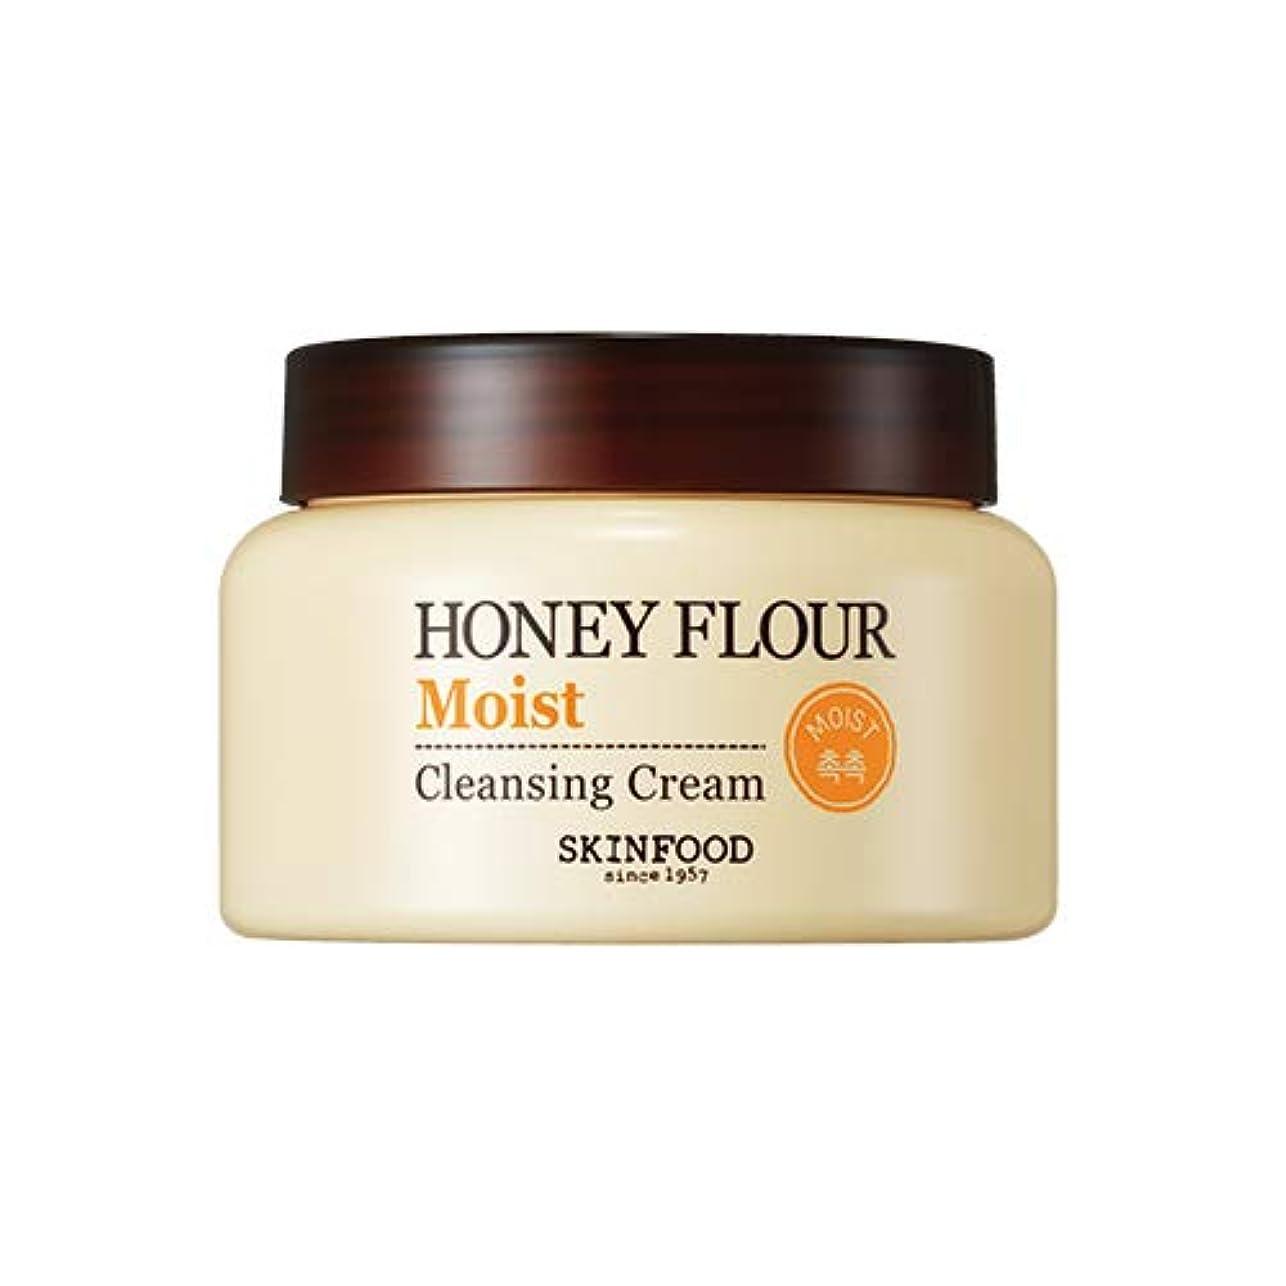 マインド俳句パワーセルSkinfood/Honey Flour Moist Cleansing Cream/ハニーフラワーモイストクレンジングクリーム/225ml [並行輸入品]